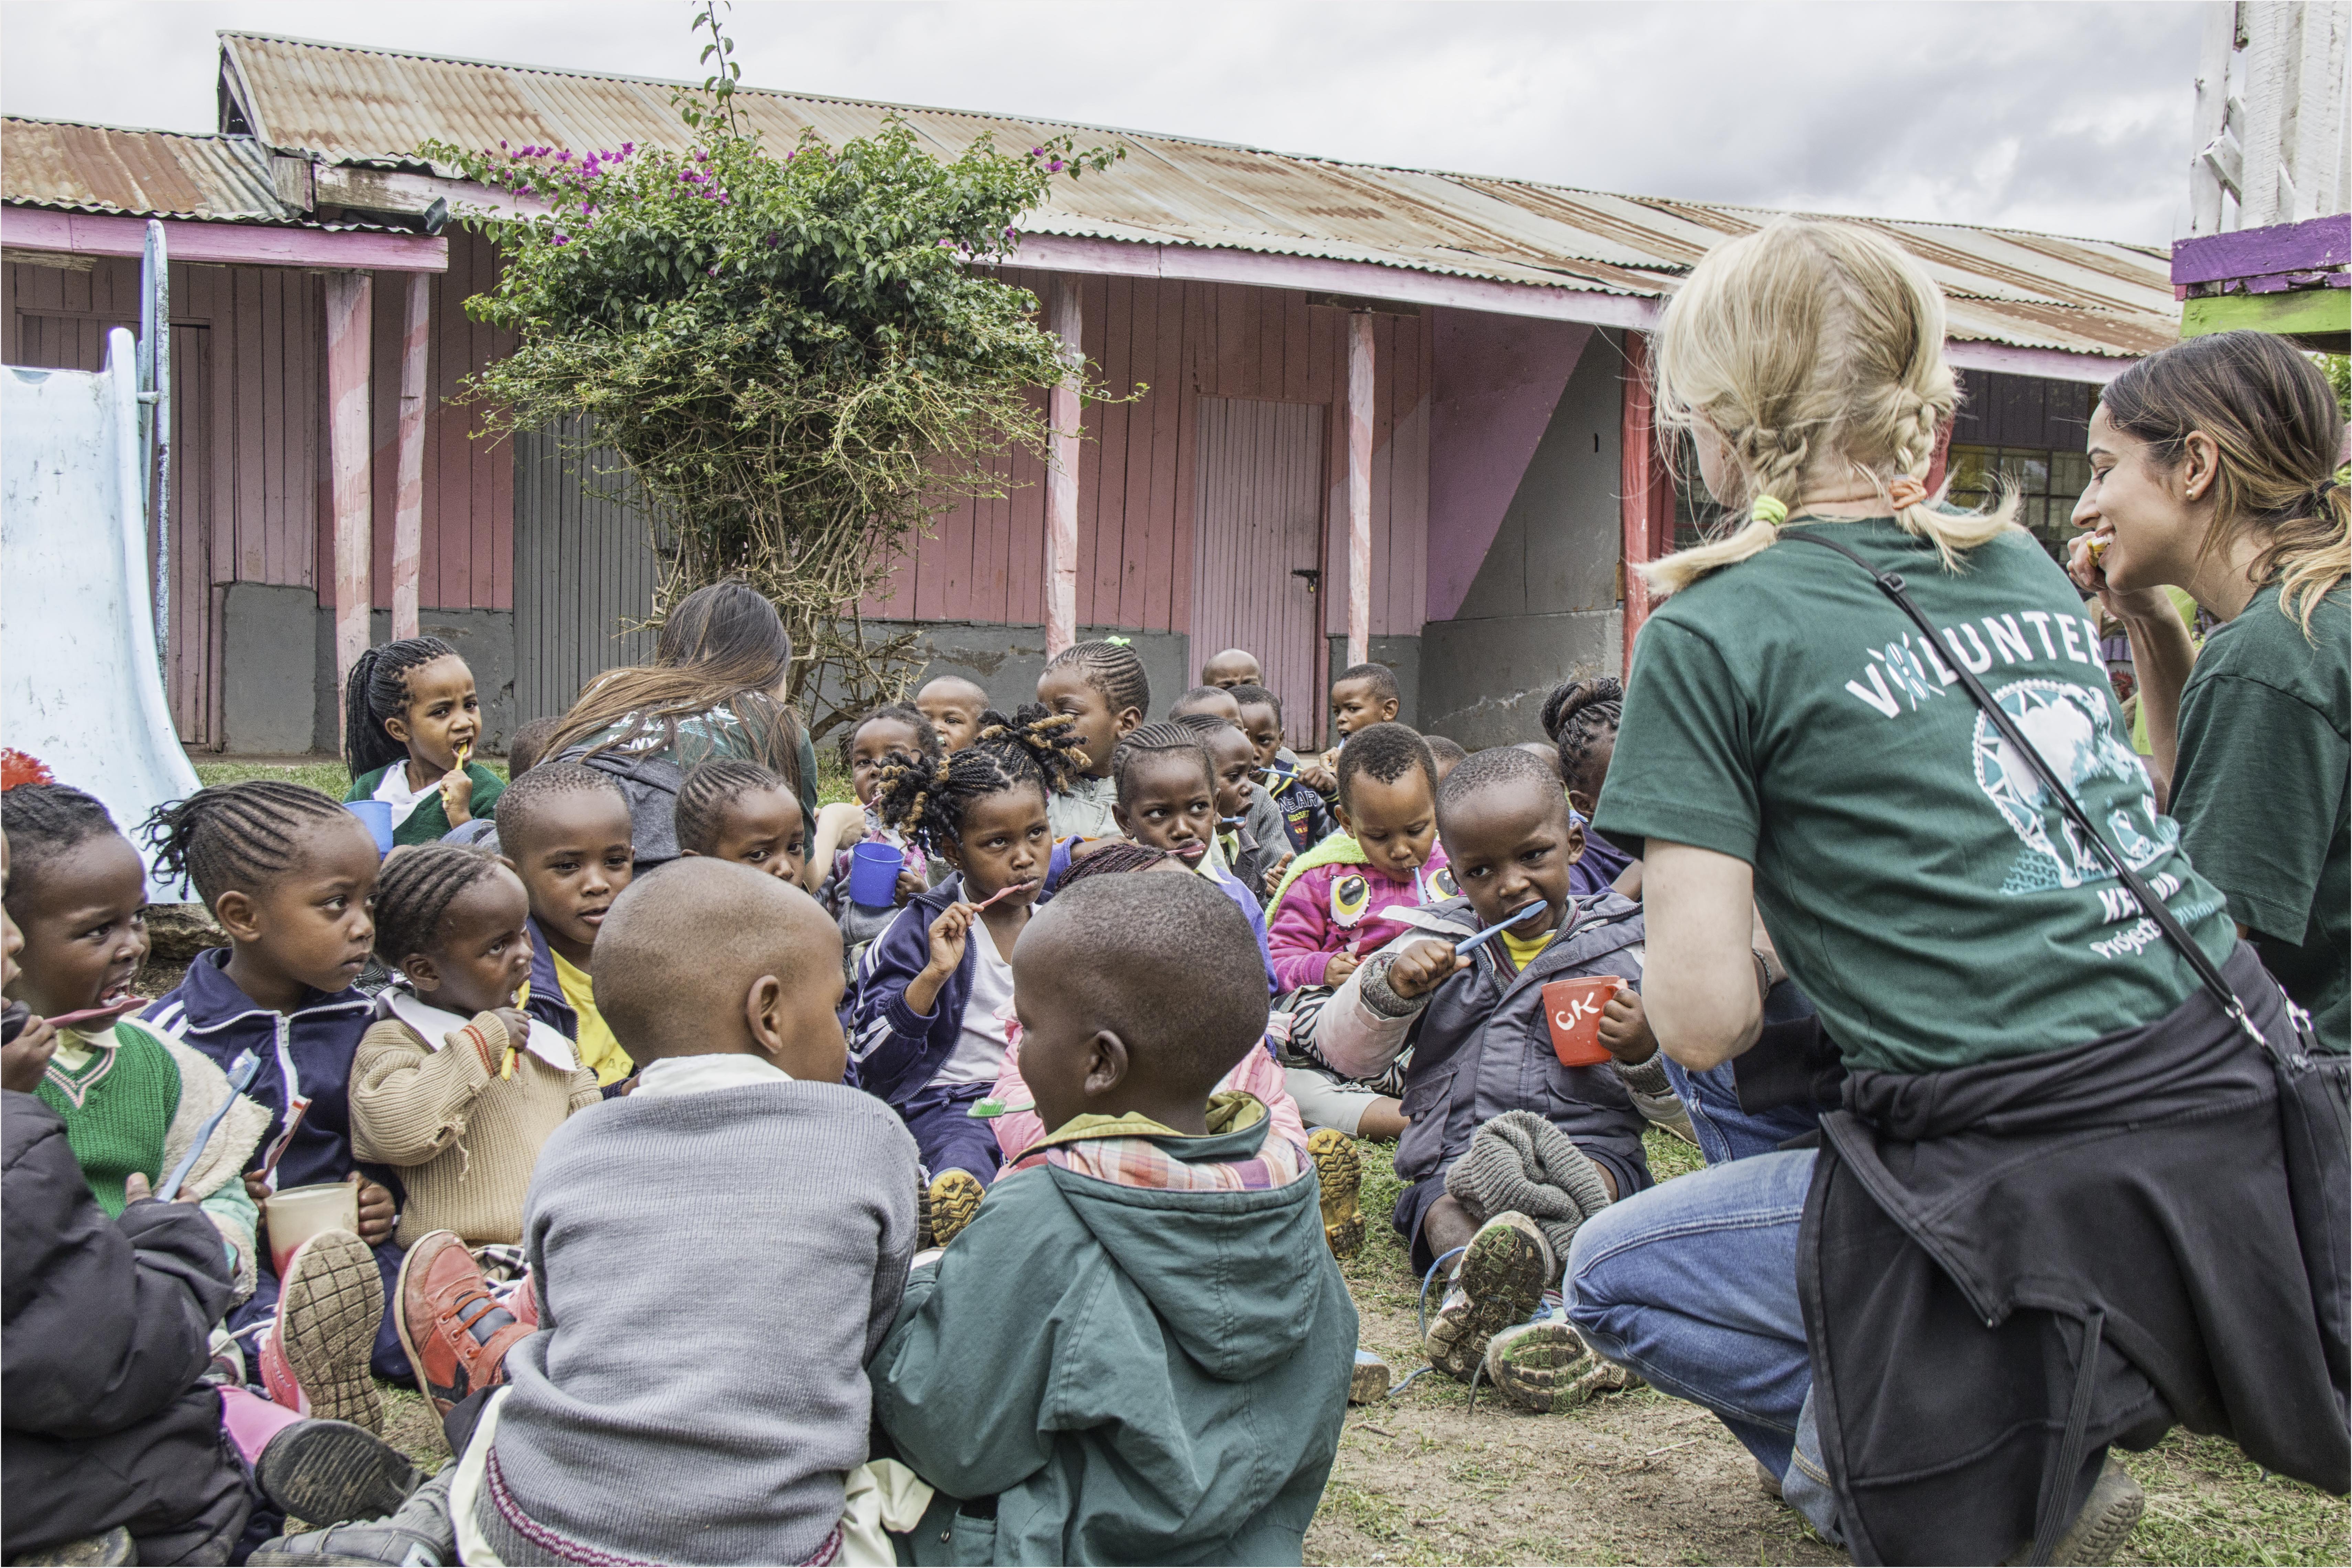 Voluntarias adolescentes realizando un programa de alcance en Kenia.